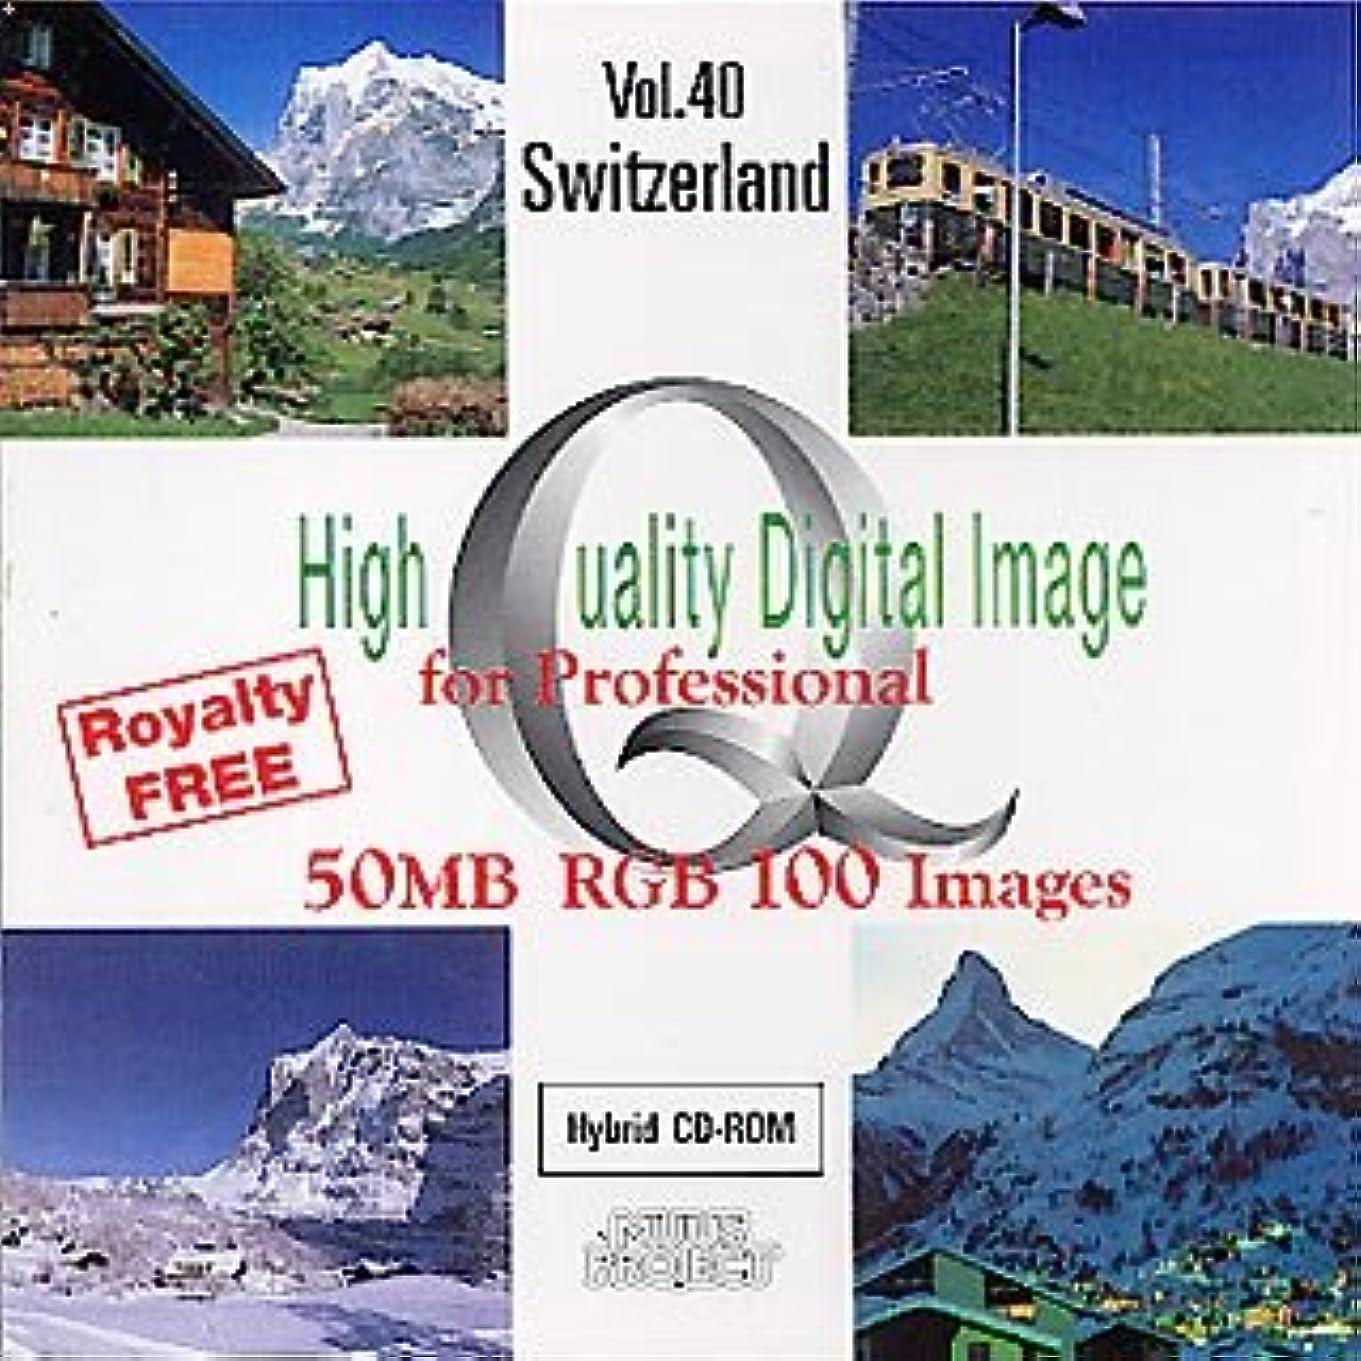 版伸ばすカウンタHigh Quality Digital Image for Professional Vol.40 Switzerland